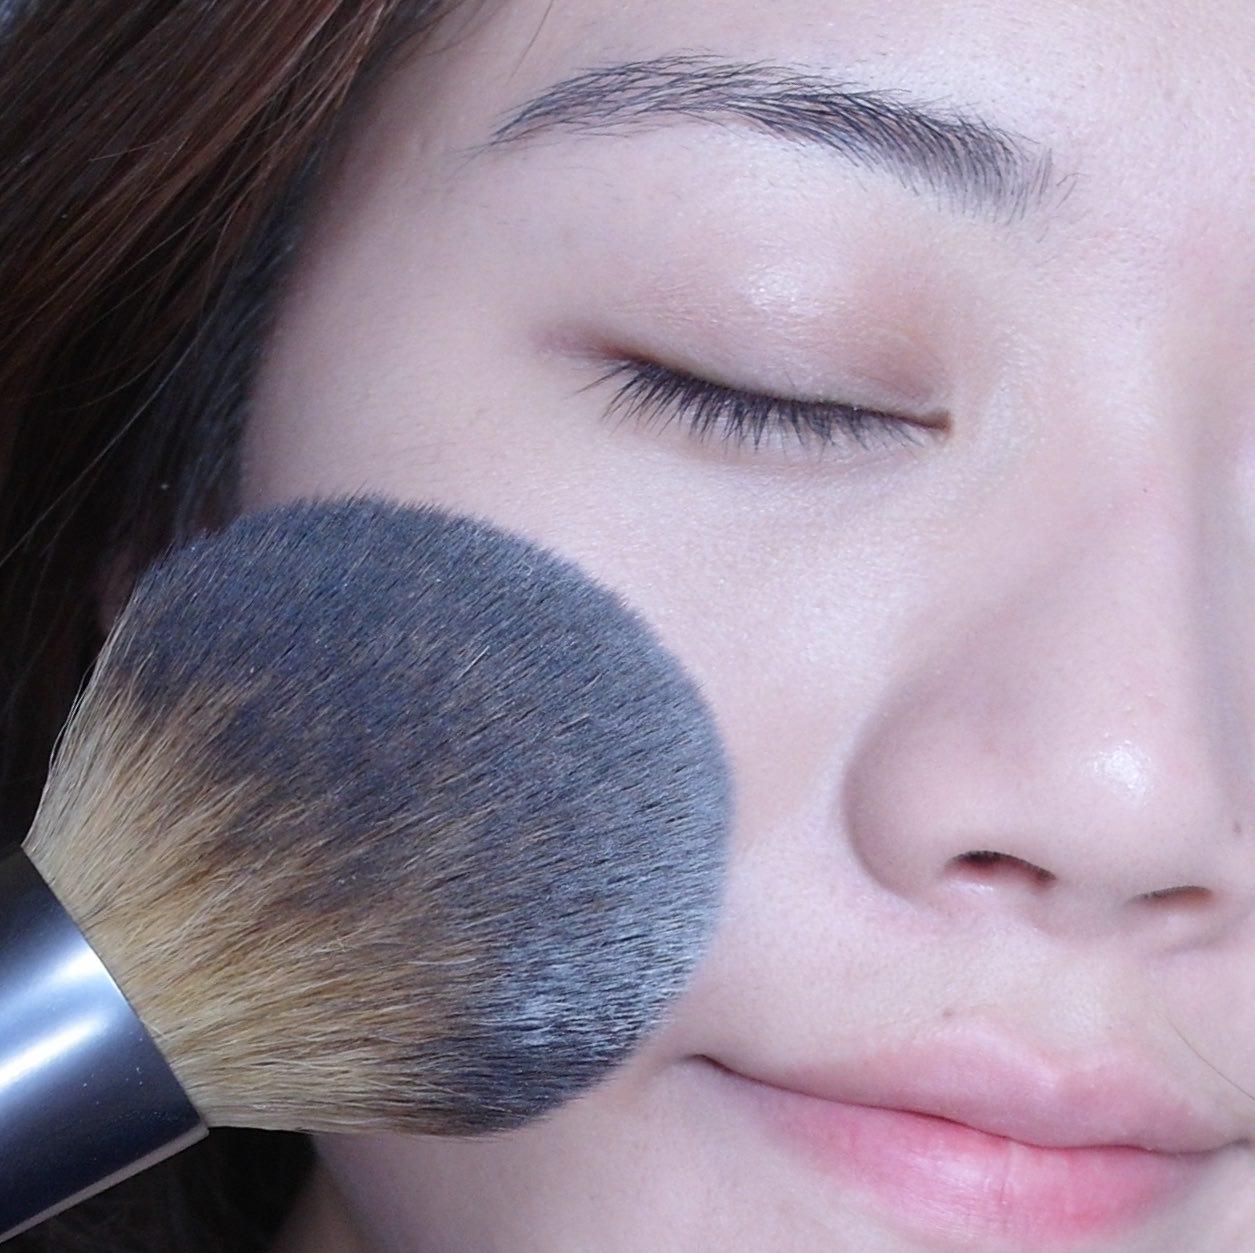 最後如果需要定妝的話,定妝產品使用蜜粉最為適合,且蜜粉刷是最好的定妝工具,因為使用粉撲的話較容易一次沾取太多的蜜粉或粉餅,上妝會讓妝感看起來厚重,這樣我們前面的努力揪功虧一簣了呀! 定妝的時候,不一定要整臉定妝,針對較易出油的部位做定妝就可以嘍!